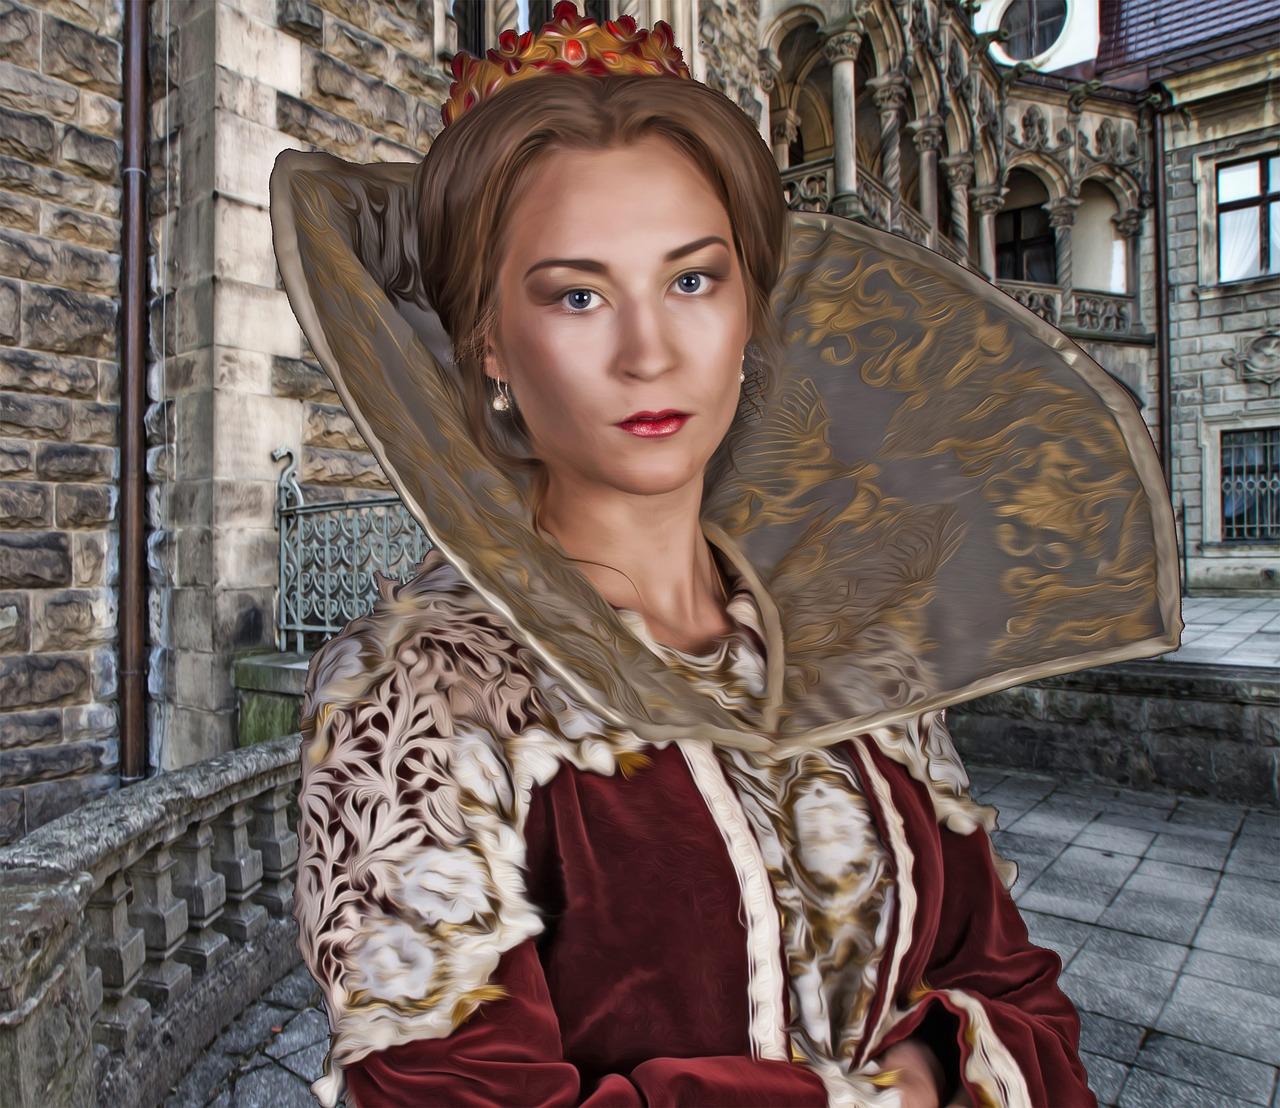 Картинки женщины королевы